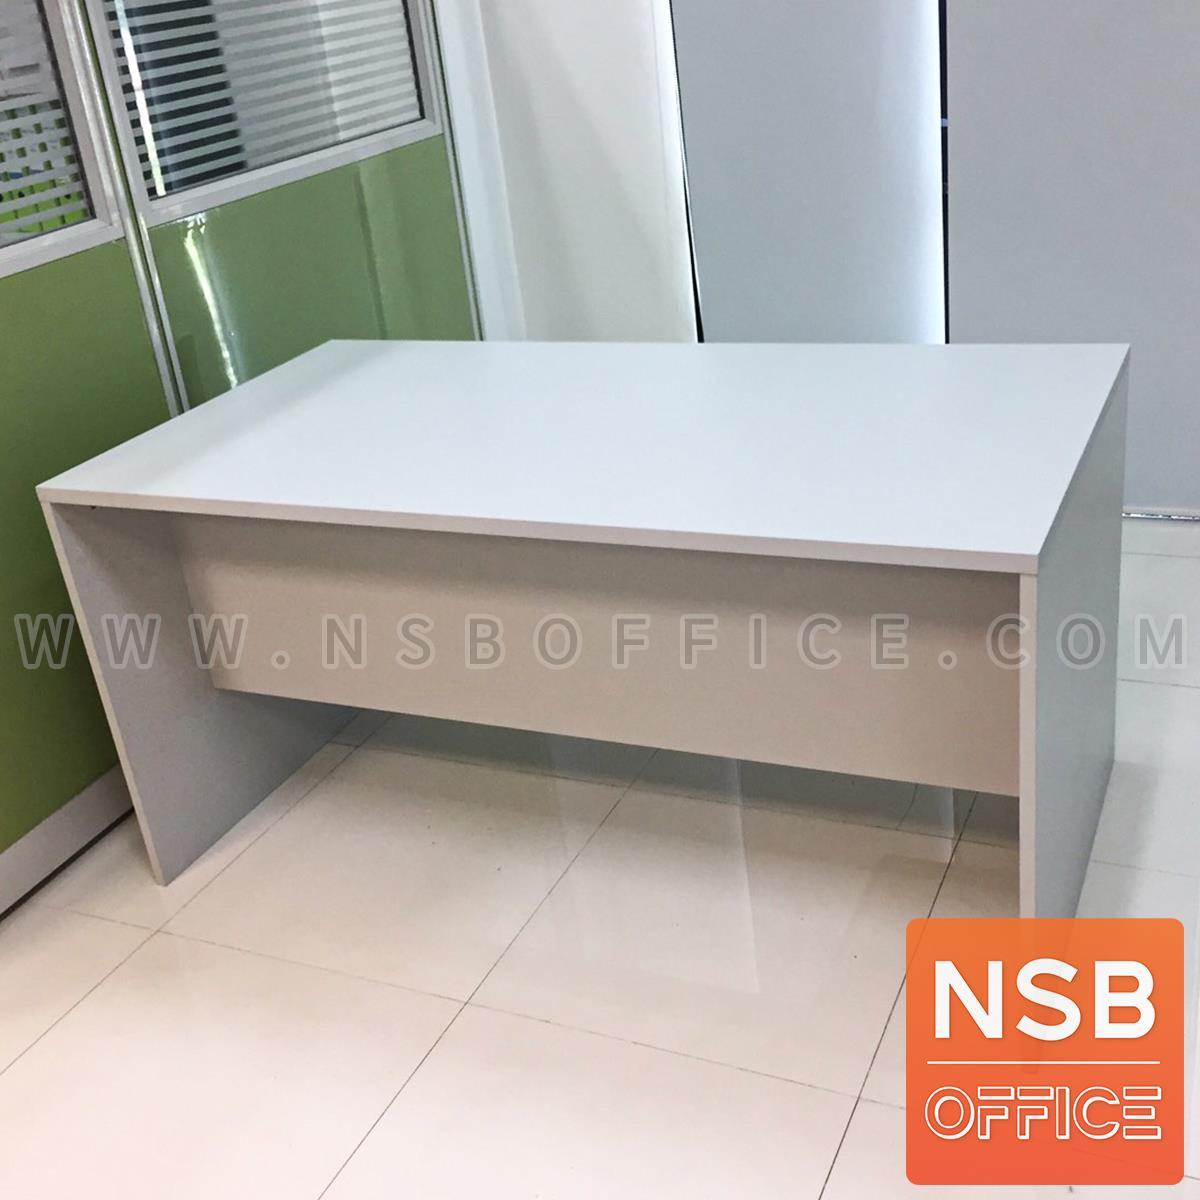 โต๊ะทำงาน 2 ลิ้นชัก รุ่น Clayton (เคลย์ตัน) ขนาด 120W, 135W, 150W, 160W*(60D, 75D, 80D) cm.